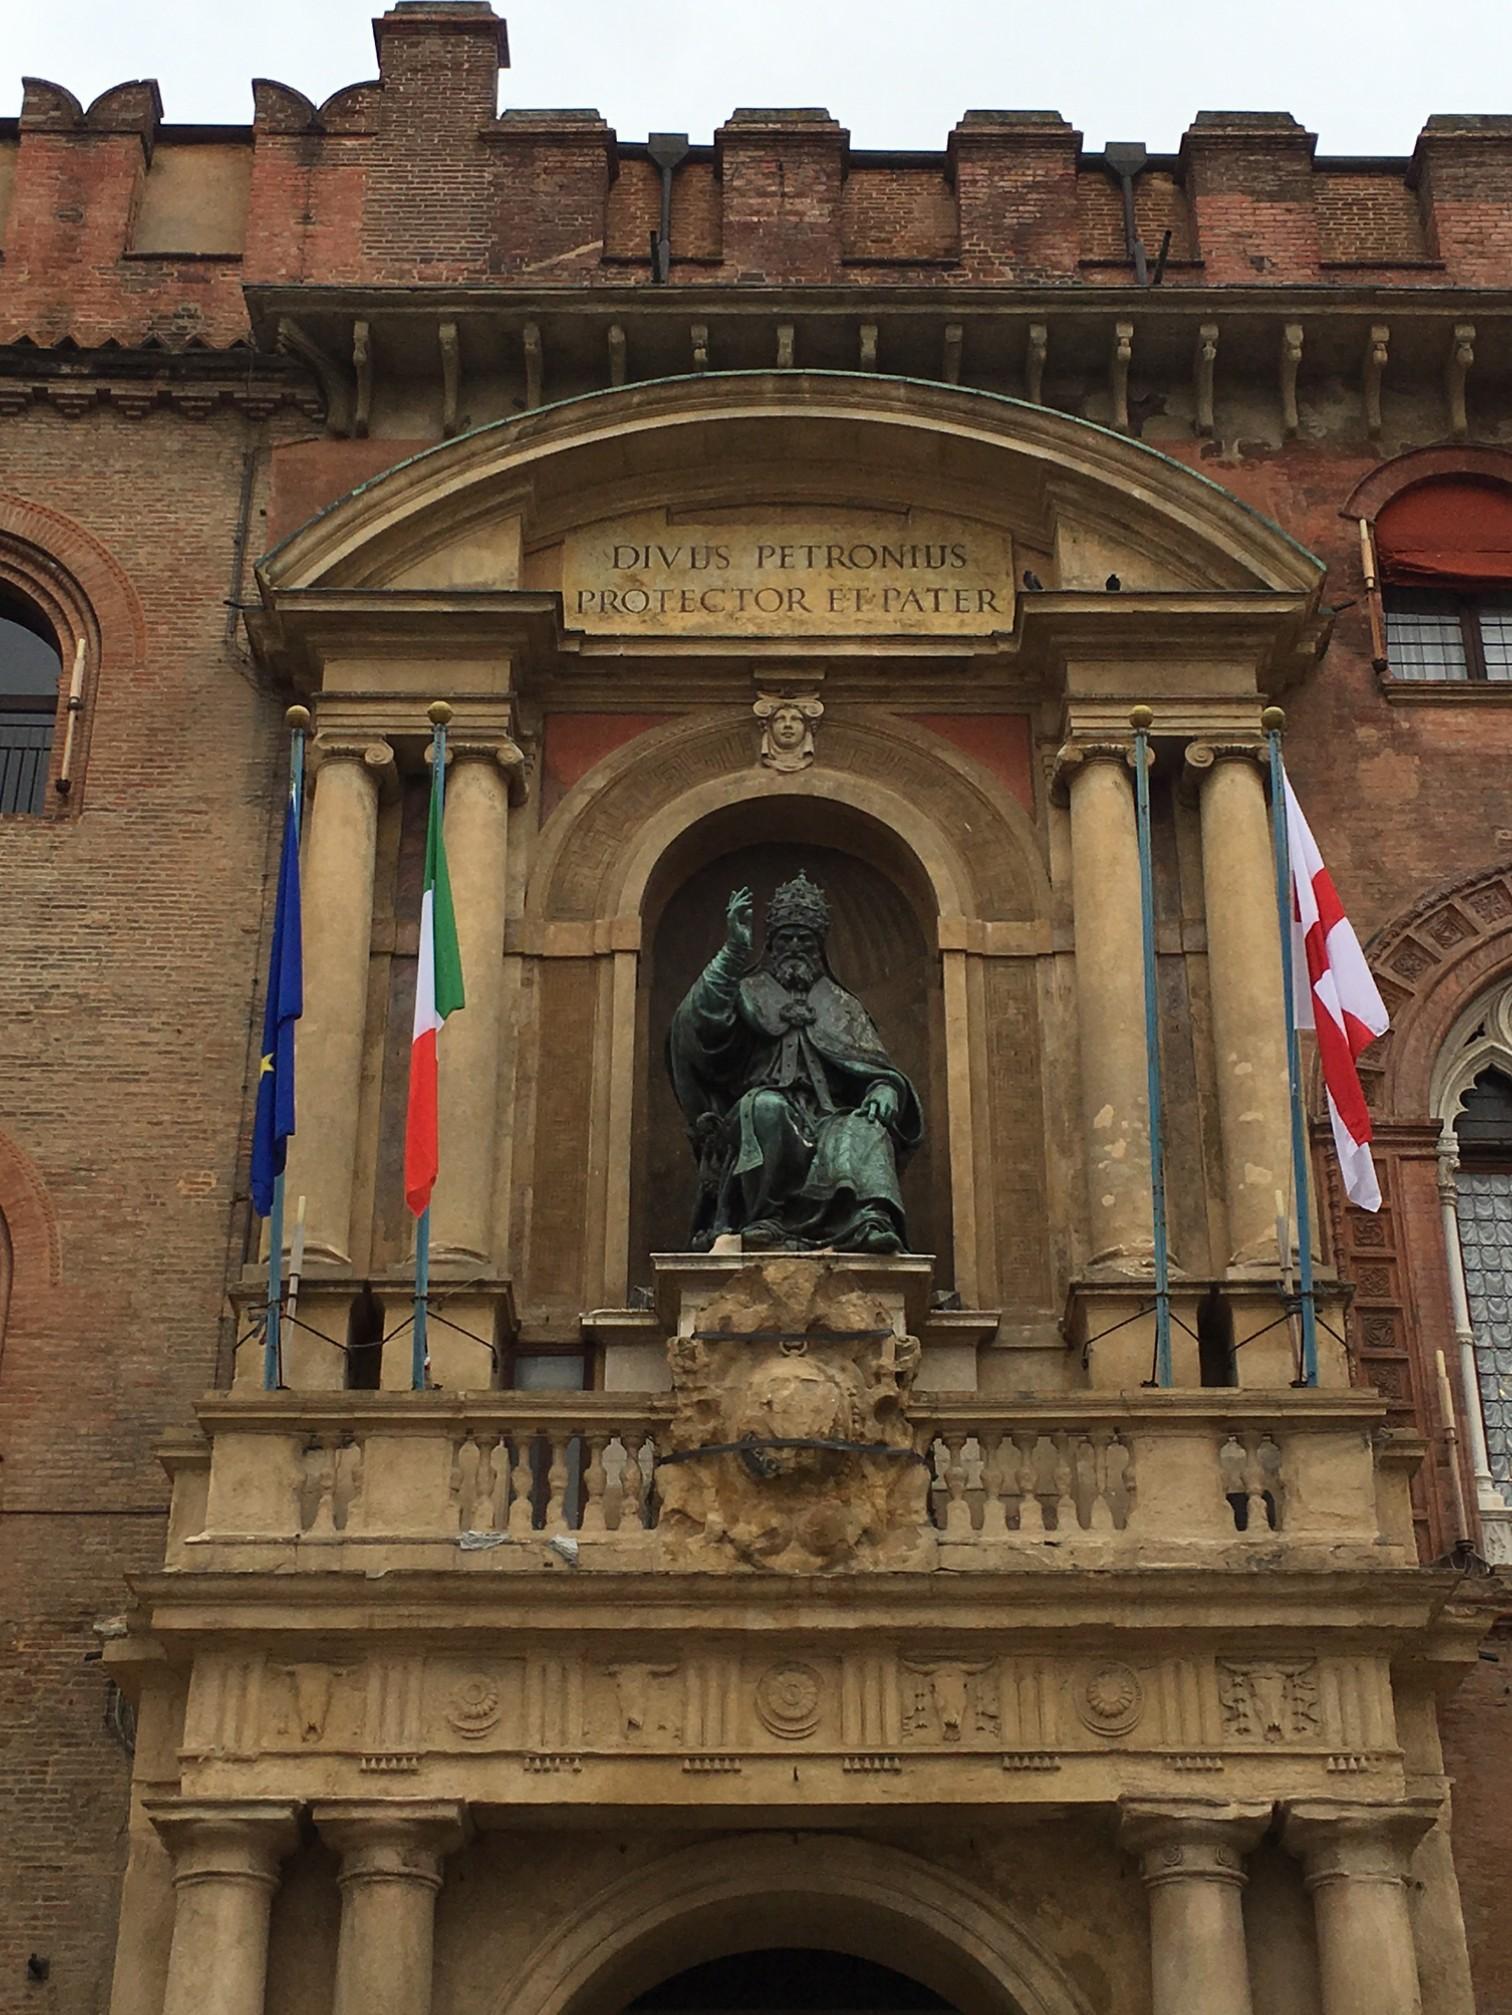 Ovidiu Muresanu Bologna